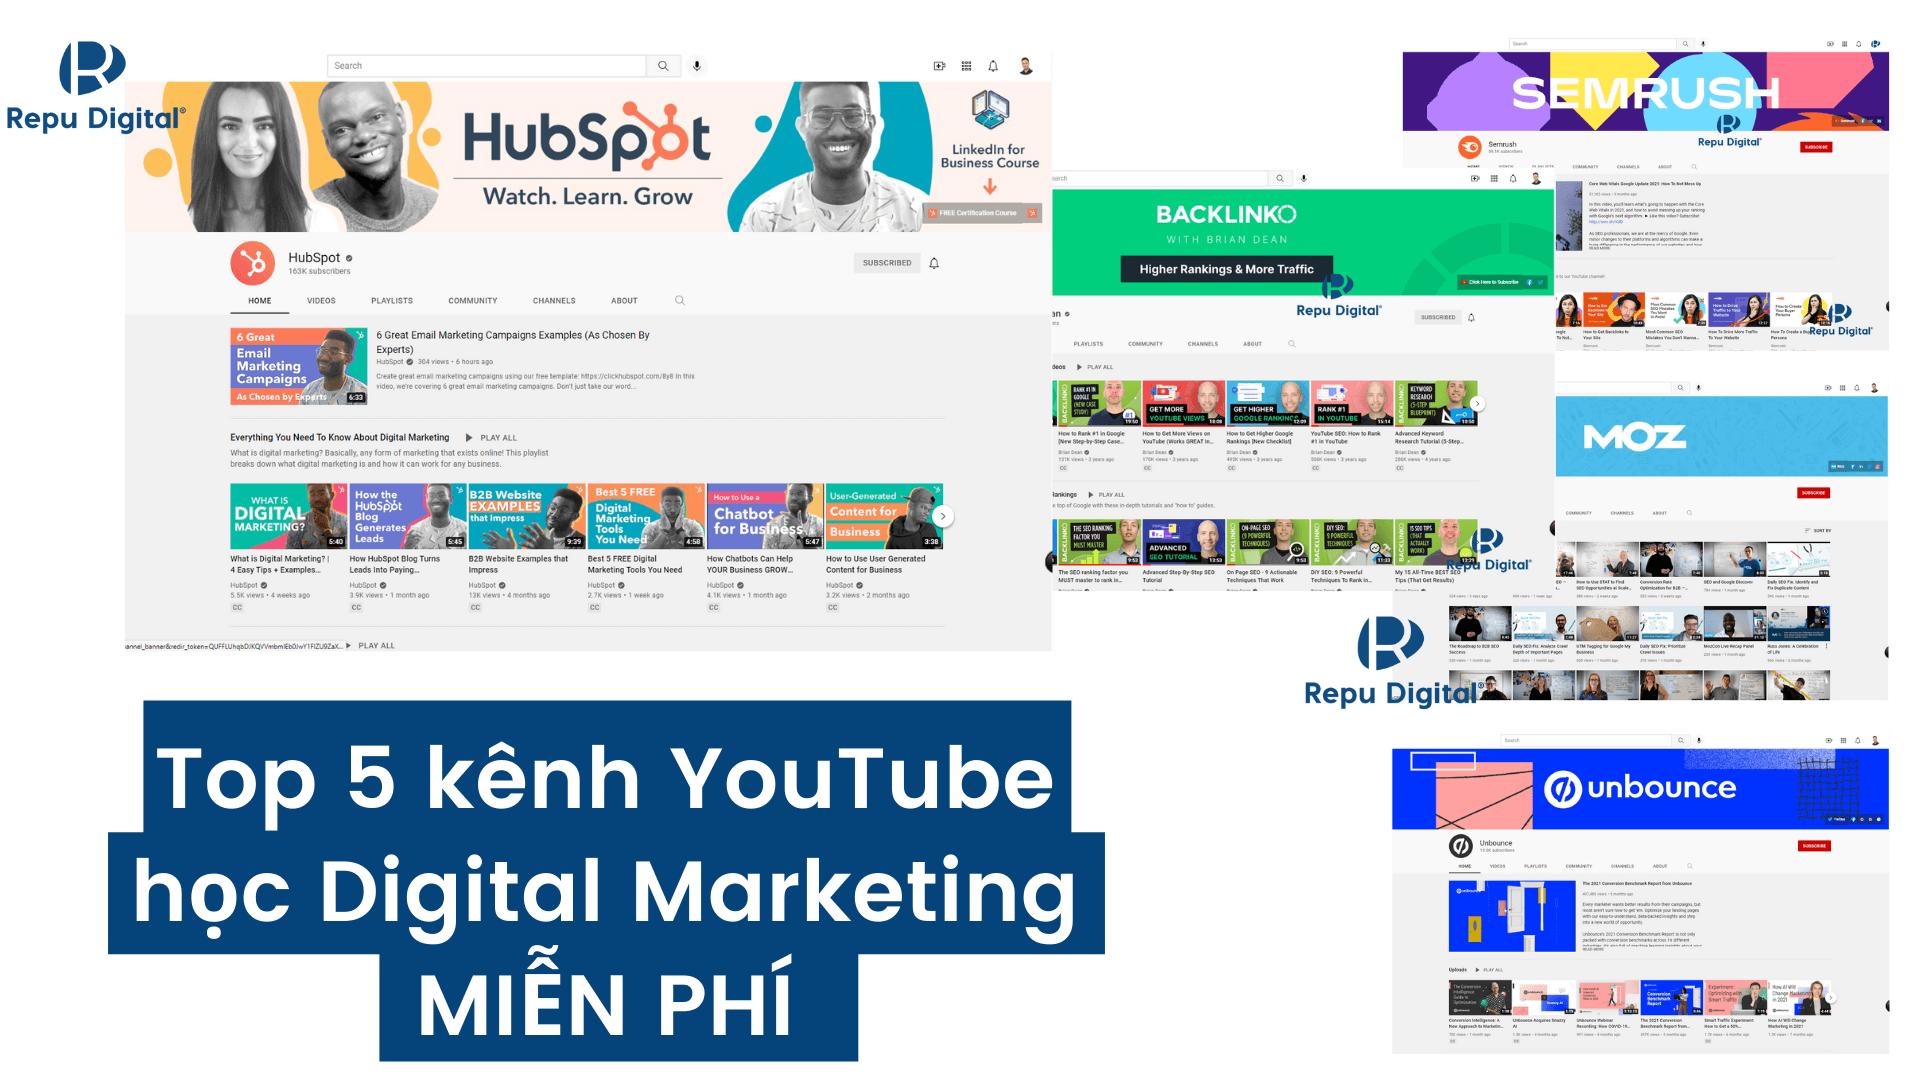 Top 5 kênh YouTube học Digital Marketing MIỄN PHÍ hay nhất 2021